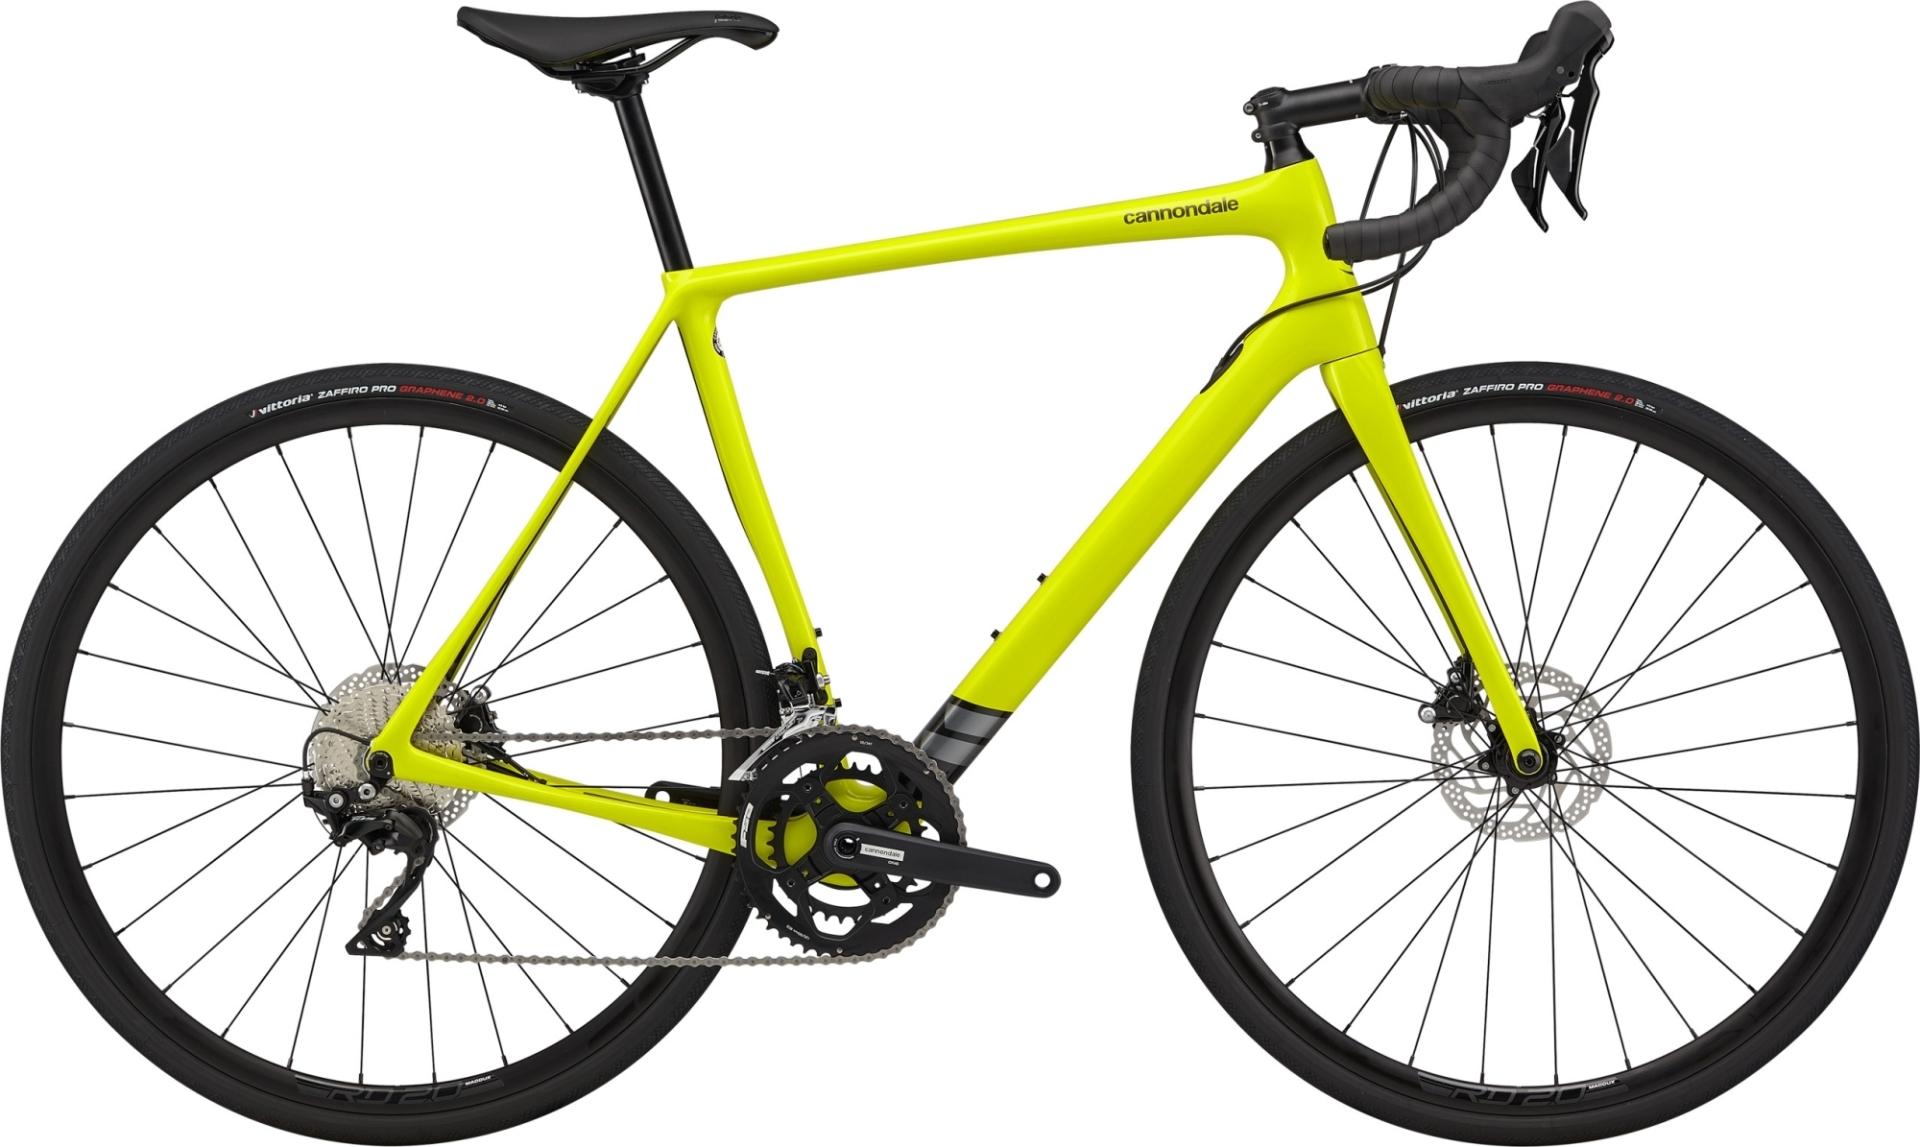 Cannondale Synapse Carbon 105 országúti kerékpár - sárga - 54 cm (2020)